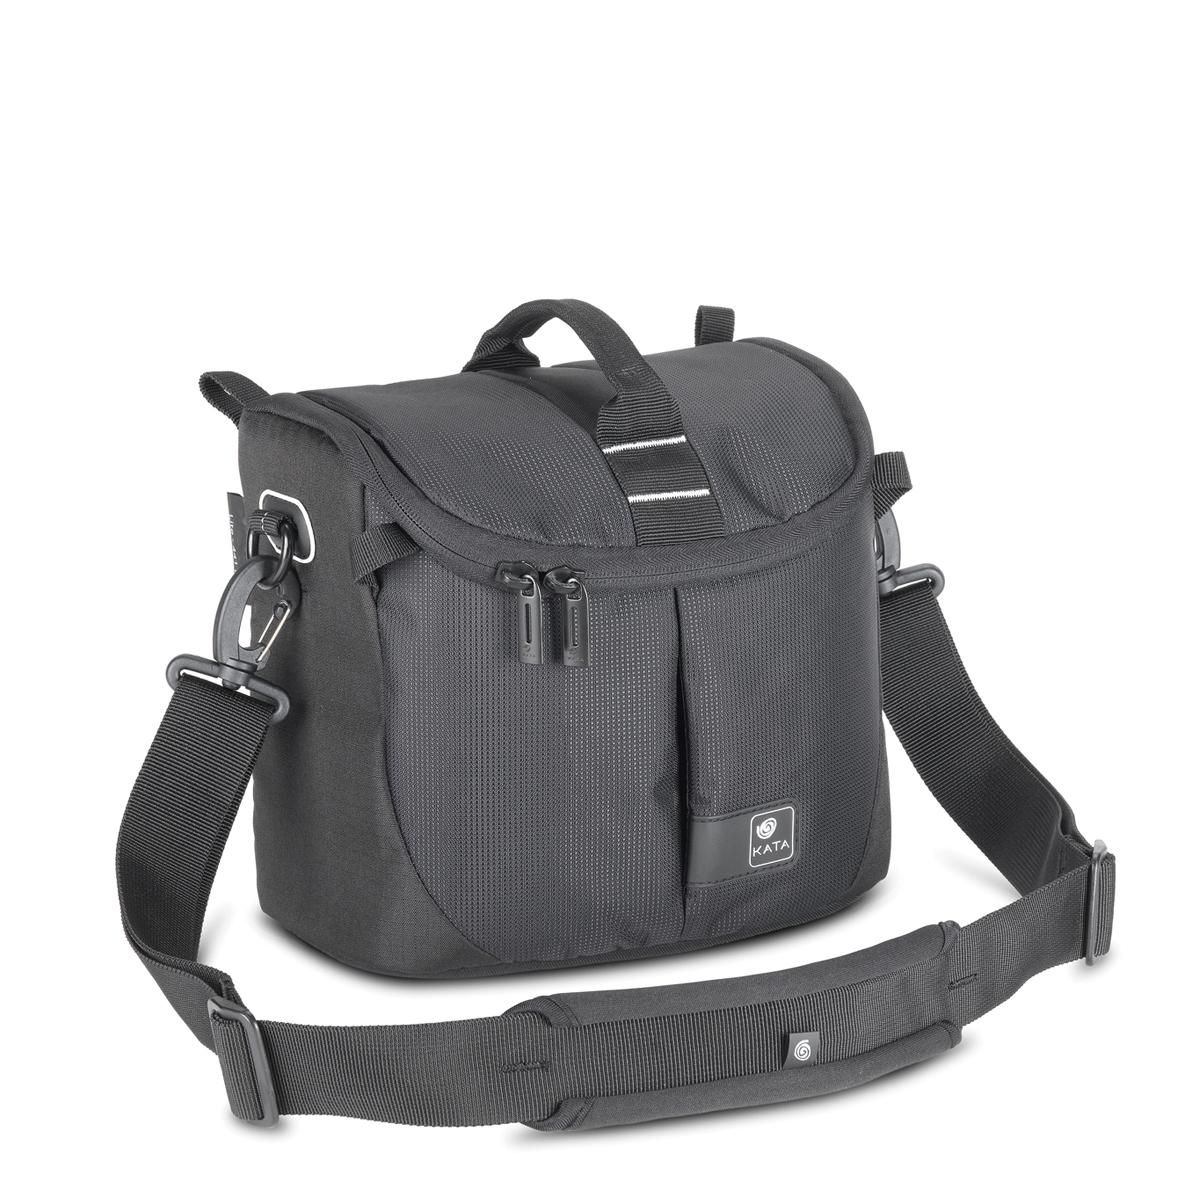 Photo Cases & Bags Kata Bags UK - Lite-441 DL for DSLR + 2-3 lenses + flash